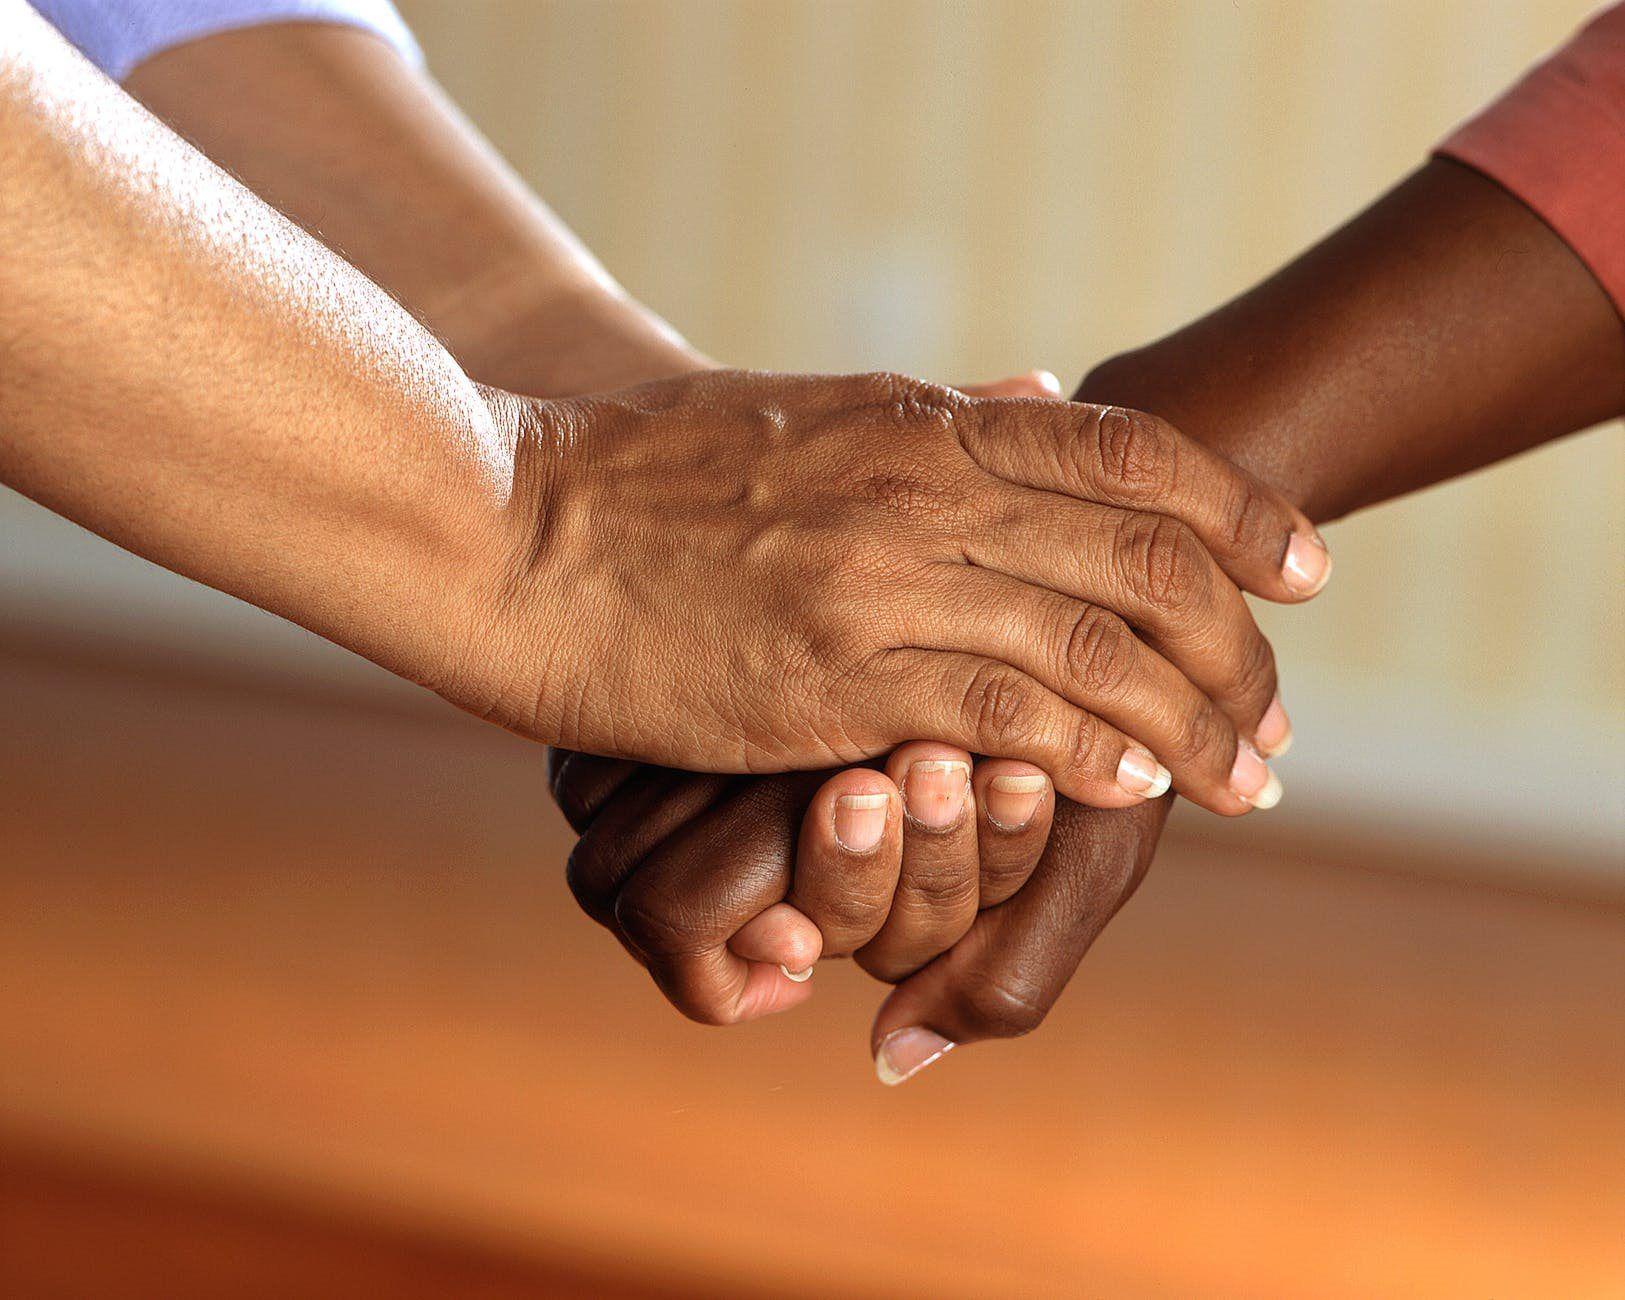 Comfort hands